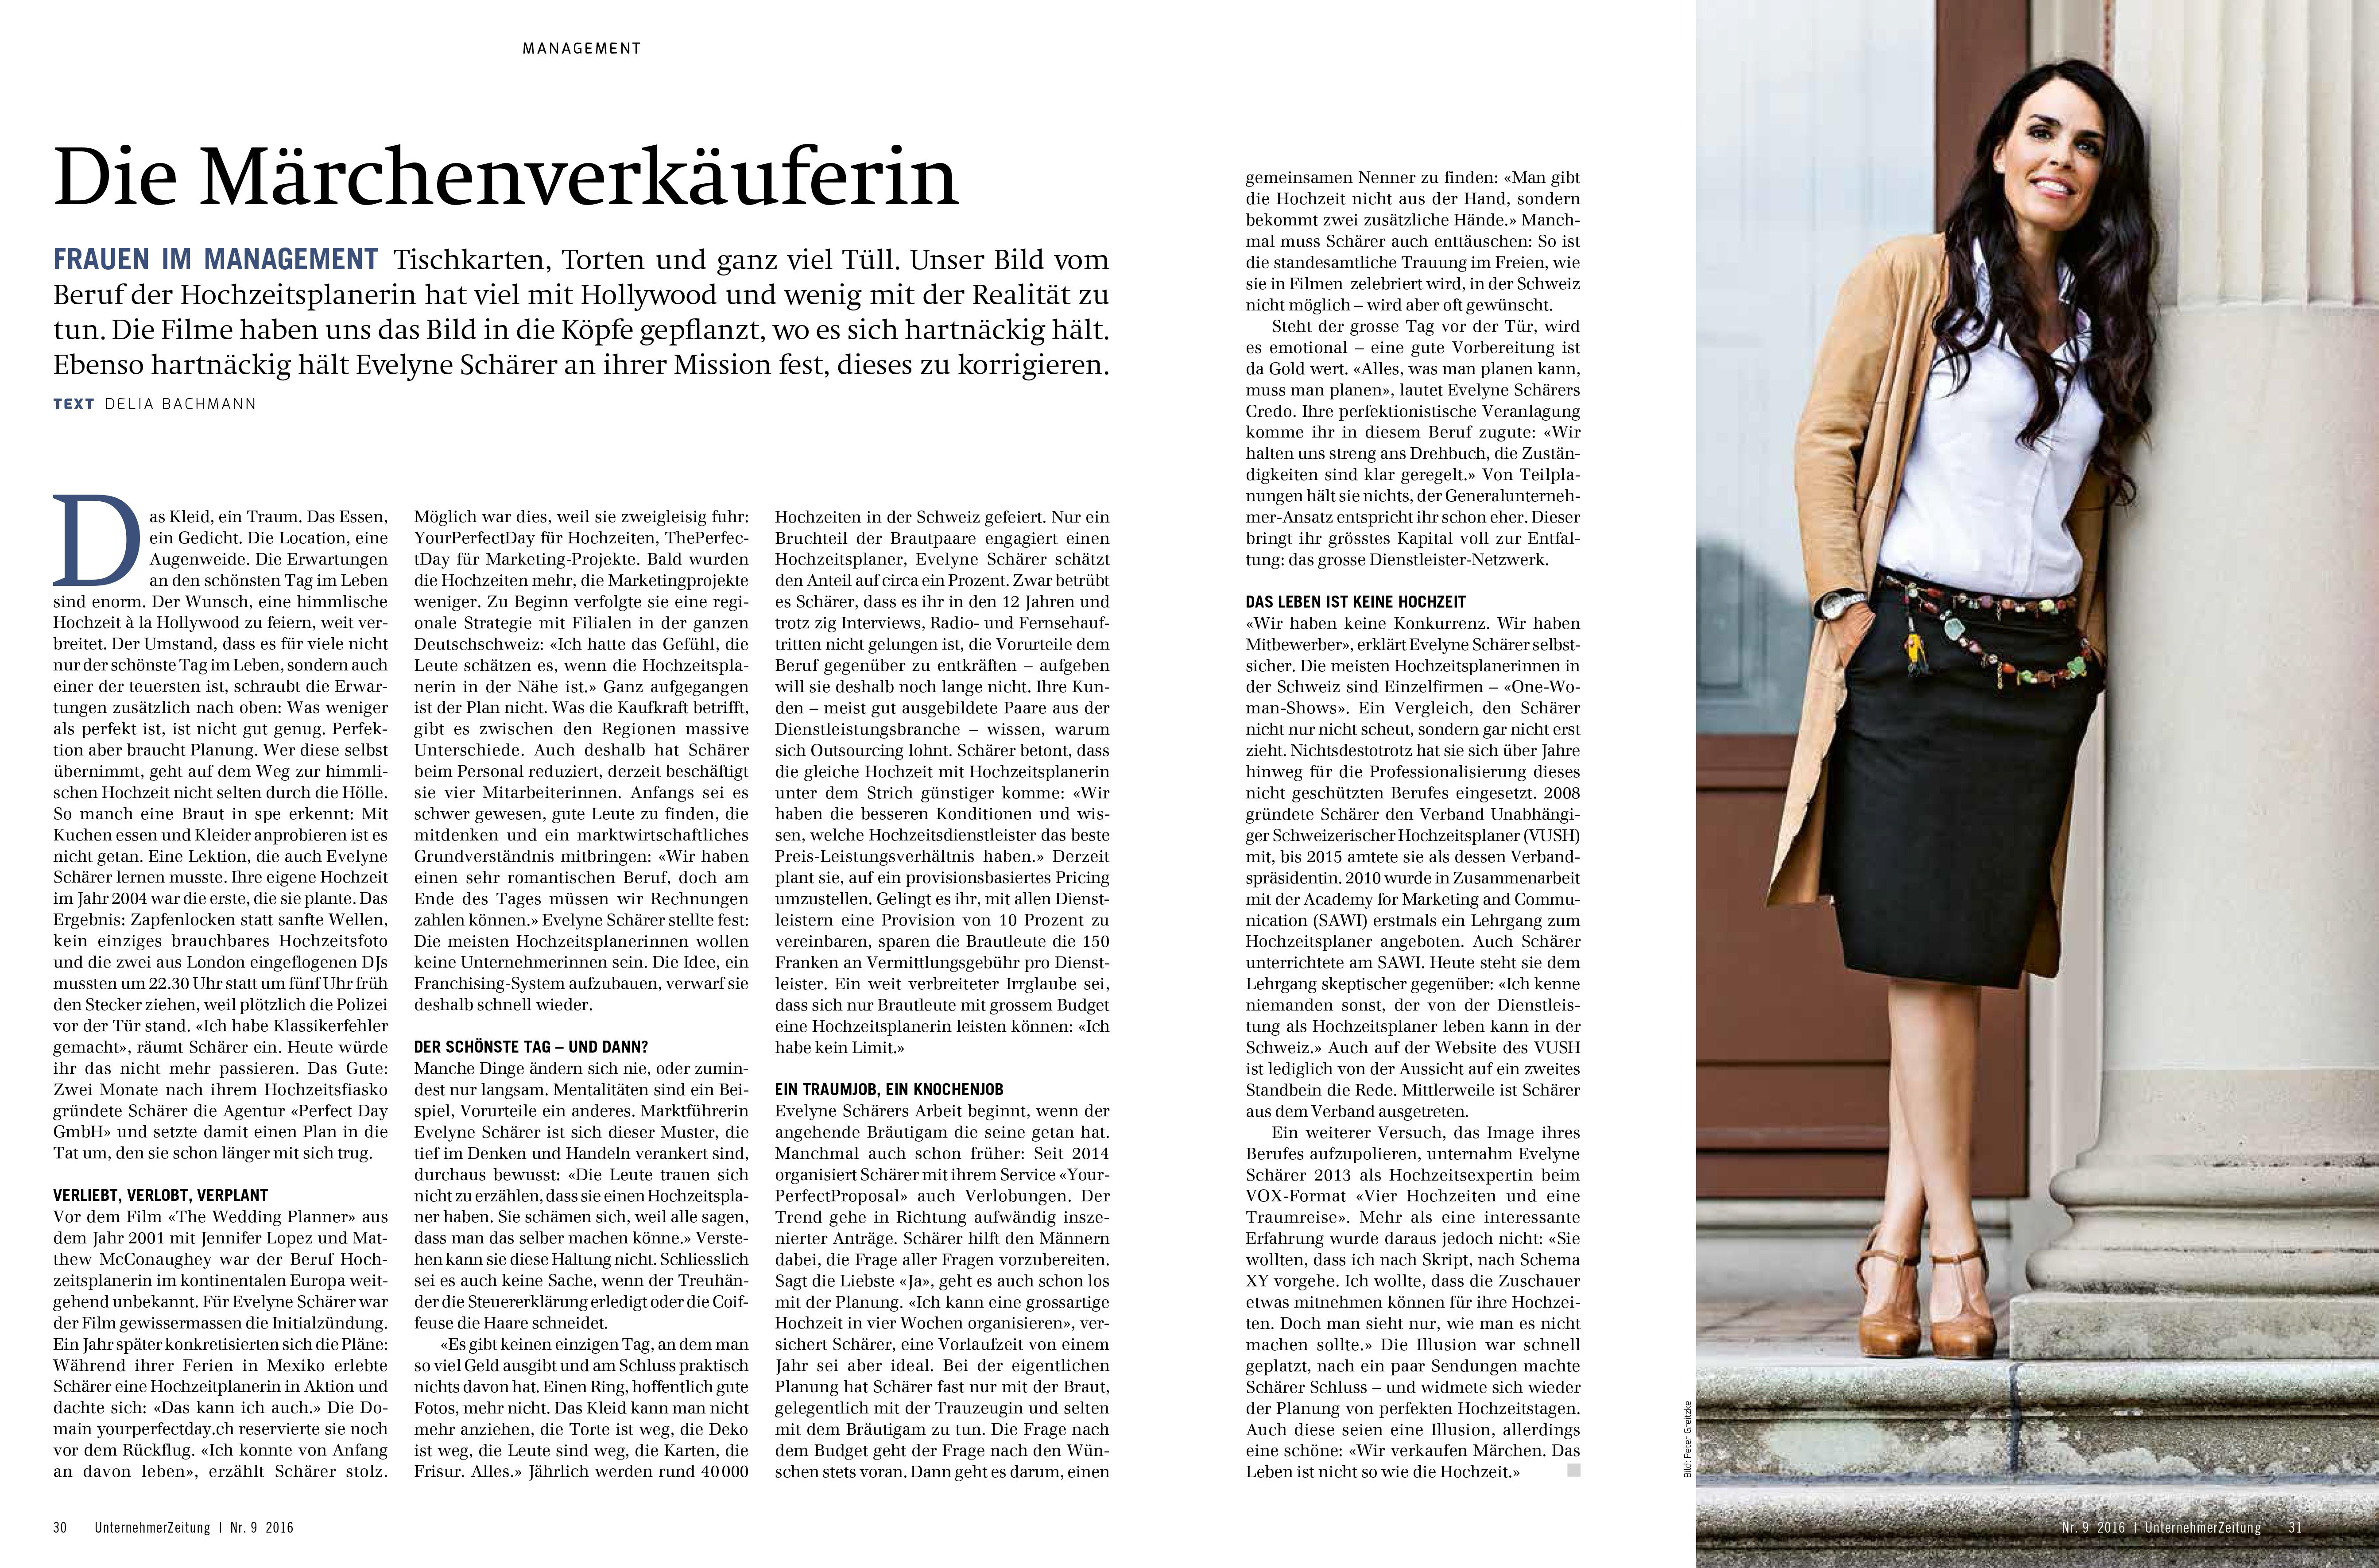 Unternehmer-Zeitung_Maerchenverkaeuferin_Evelyne_Schaerer_Hochzeitsplanerin